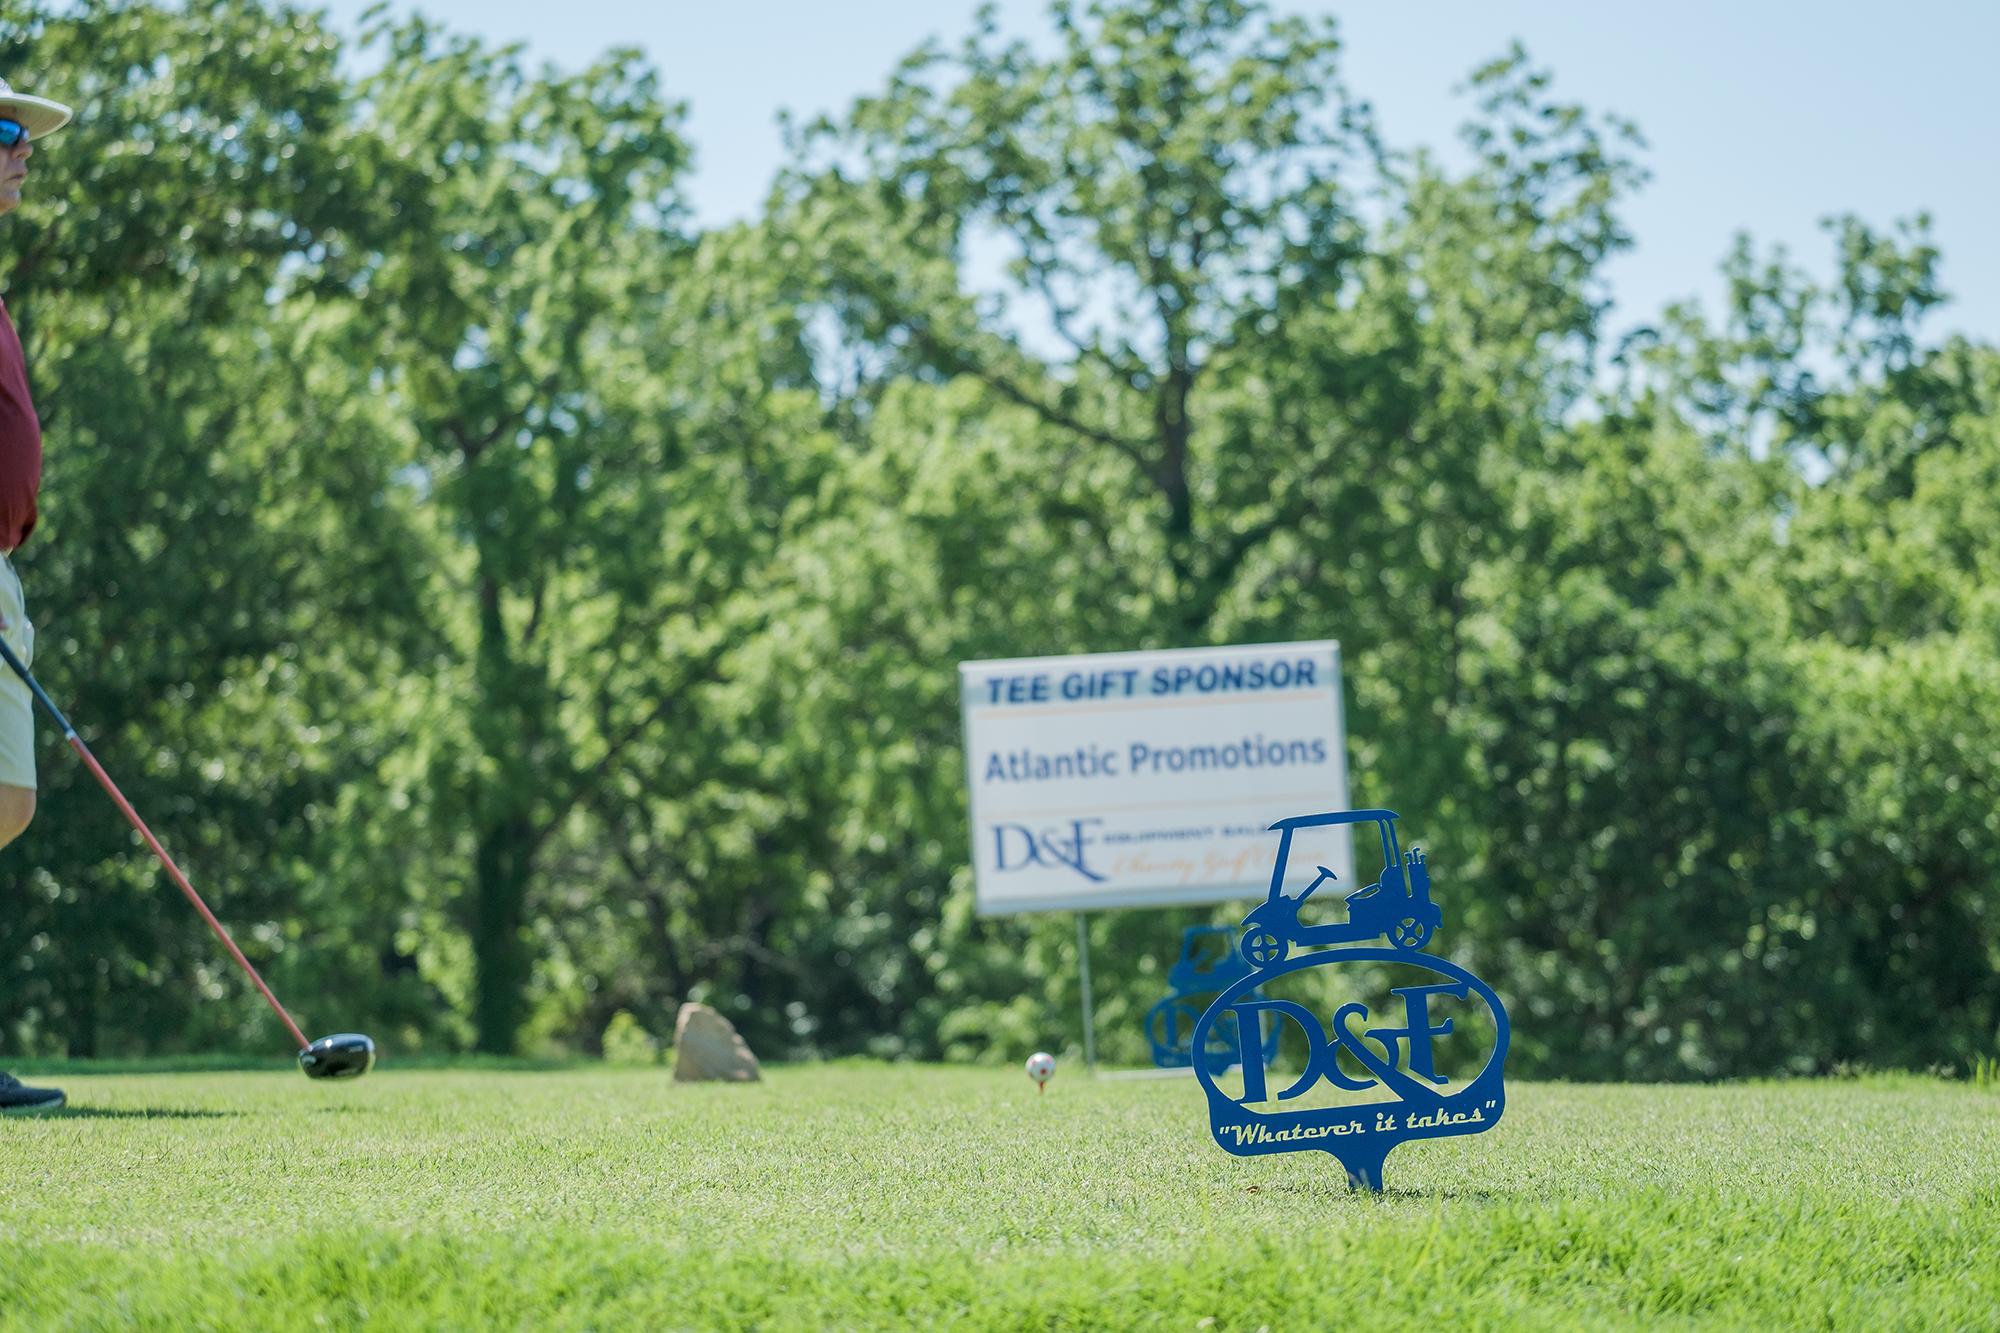 D&F Golf 0328.jpg